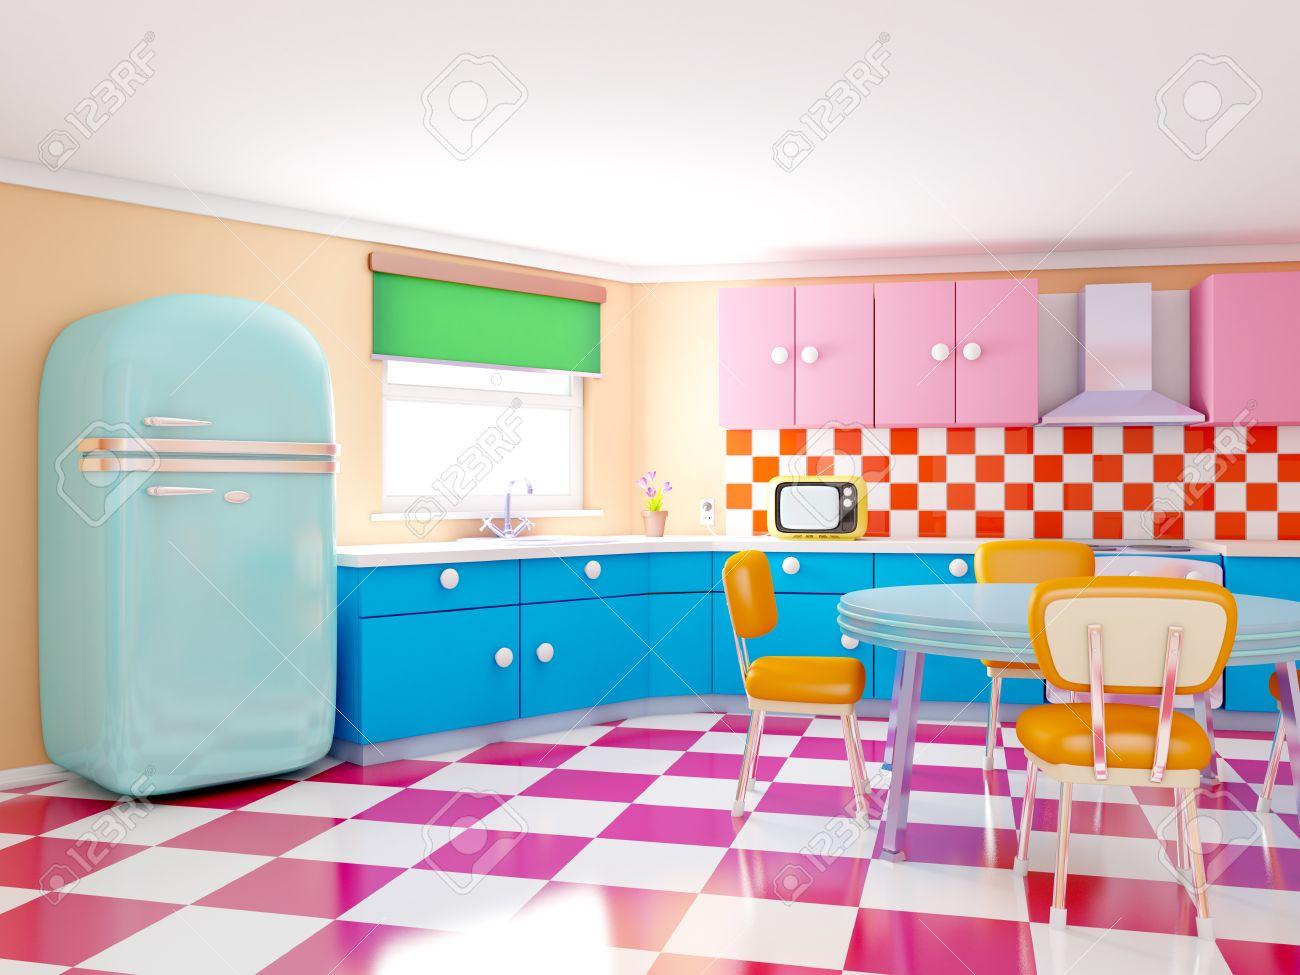 Bezaubernd Retro Küche Das Beste Von Küche Im Cartoon-stil Mit Karierten Boden. 3d-darstellung.